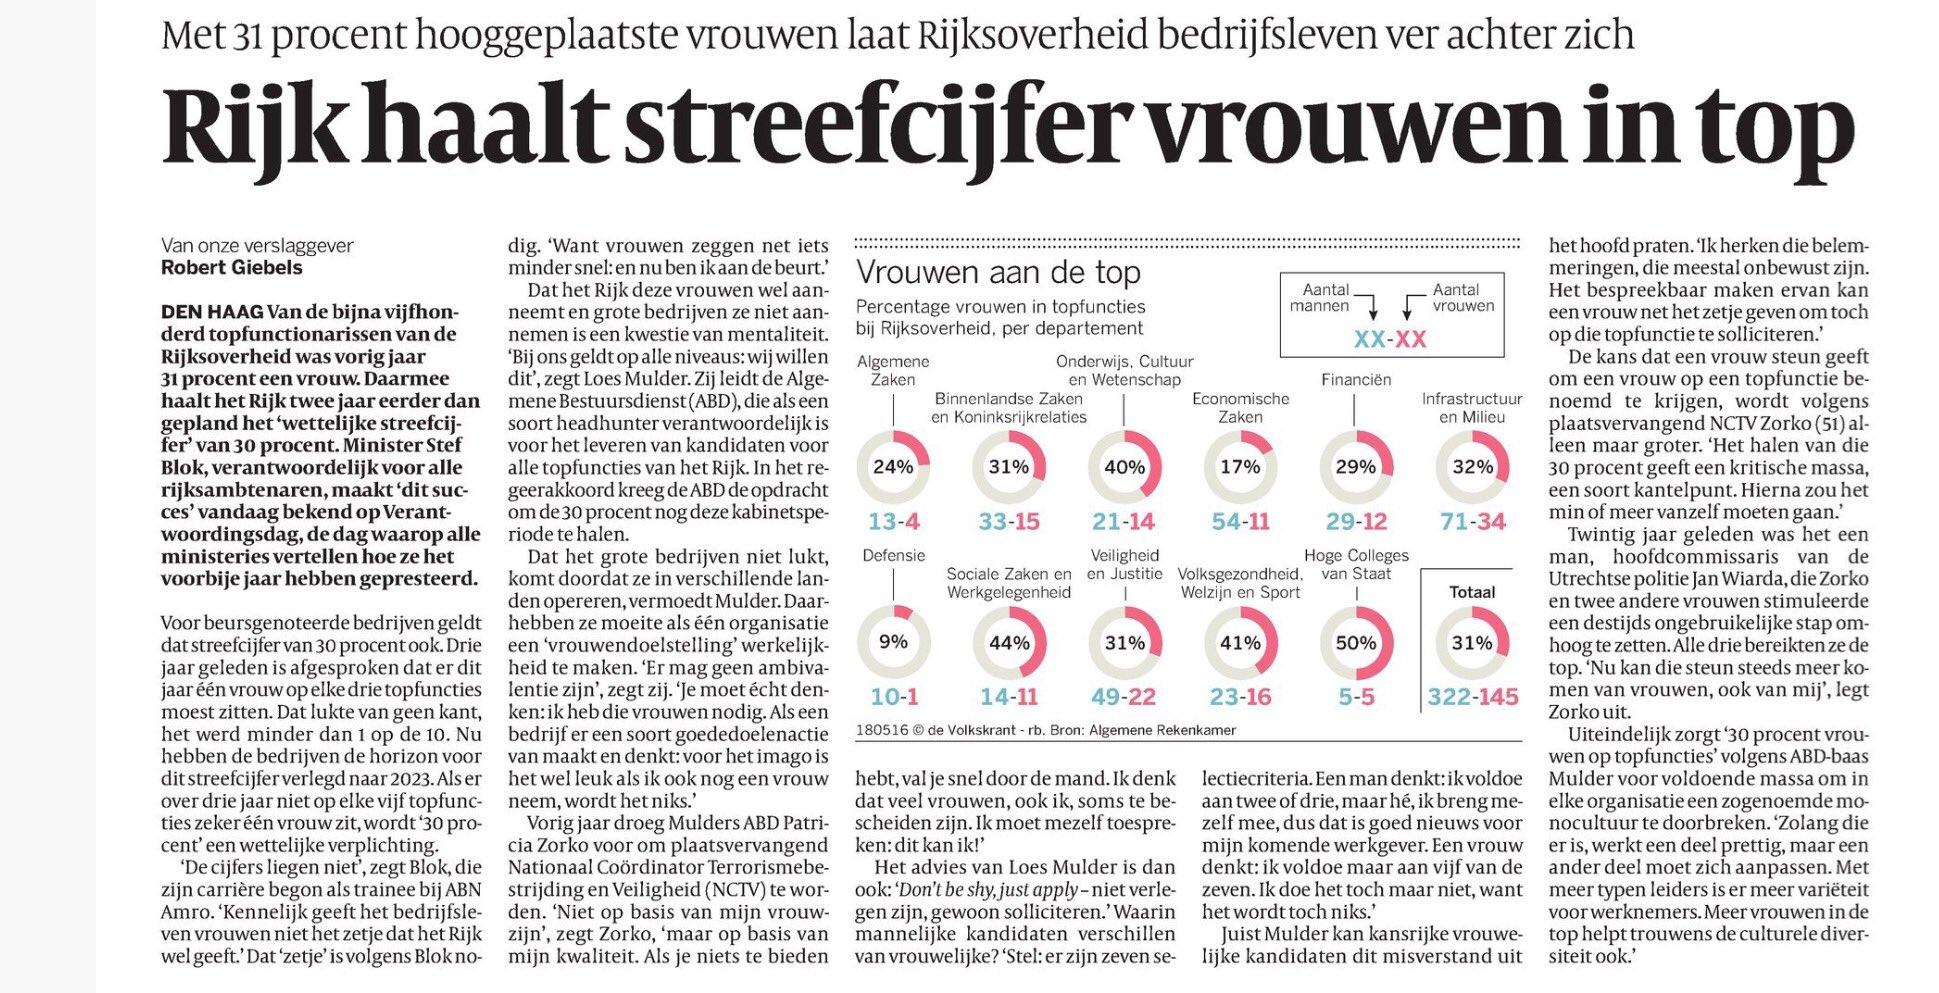 Volkskrant: Rijk haalt streefcijfer vrouwen in top